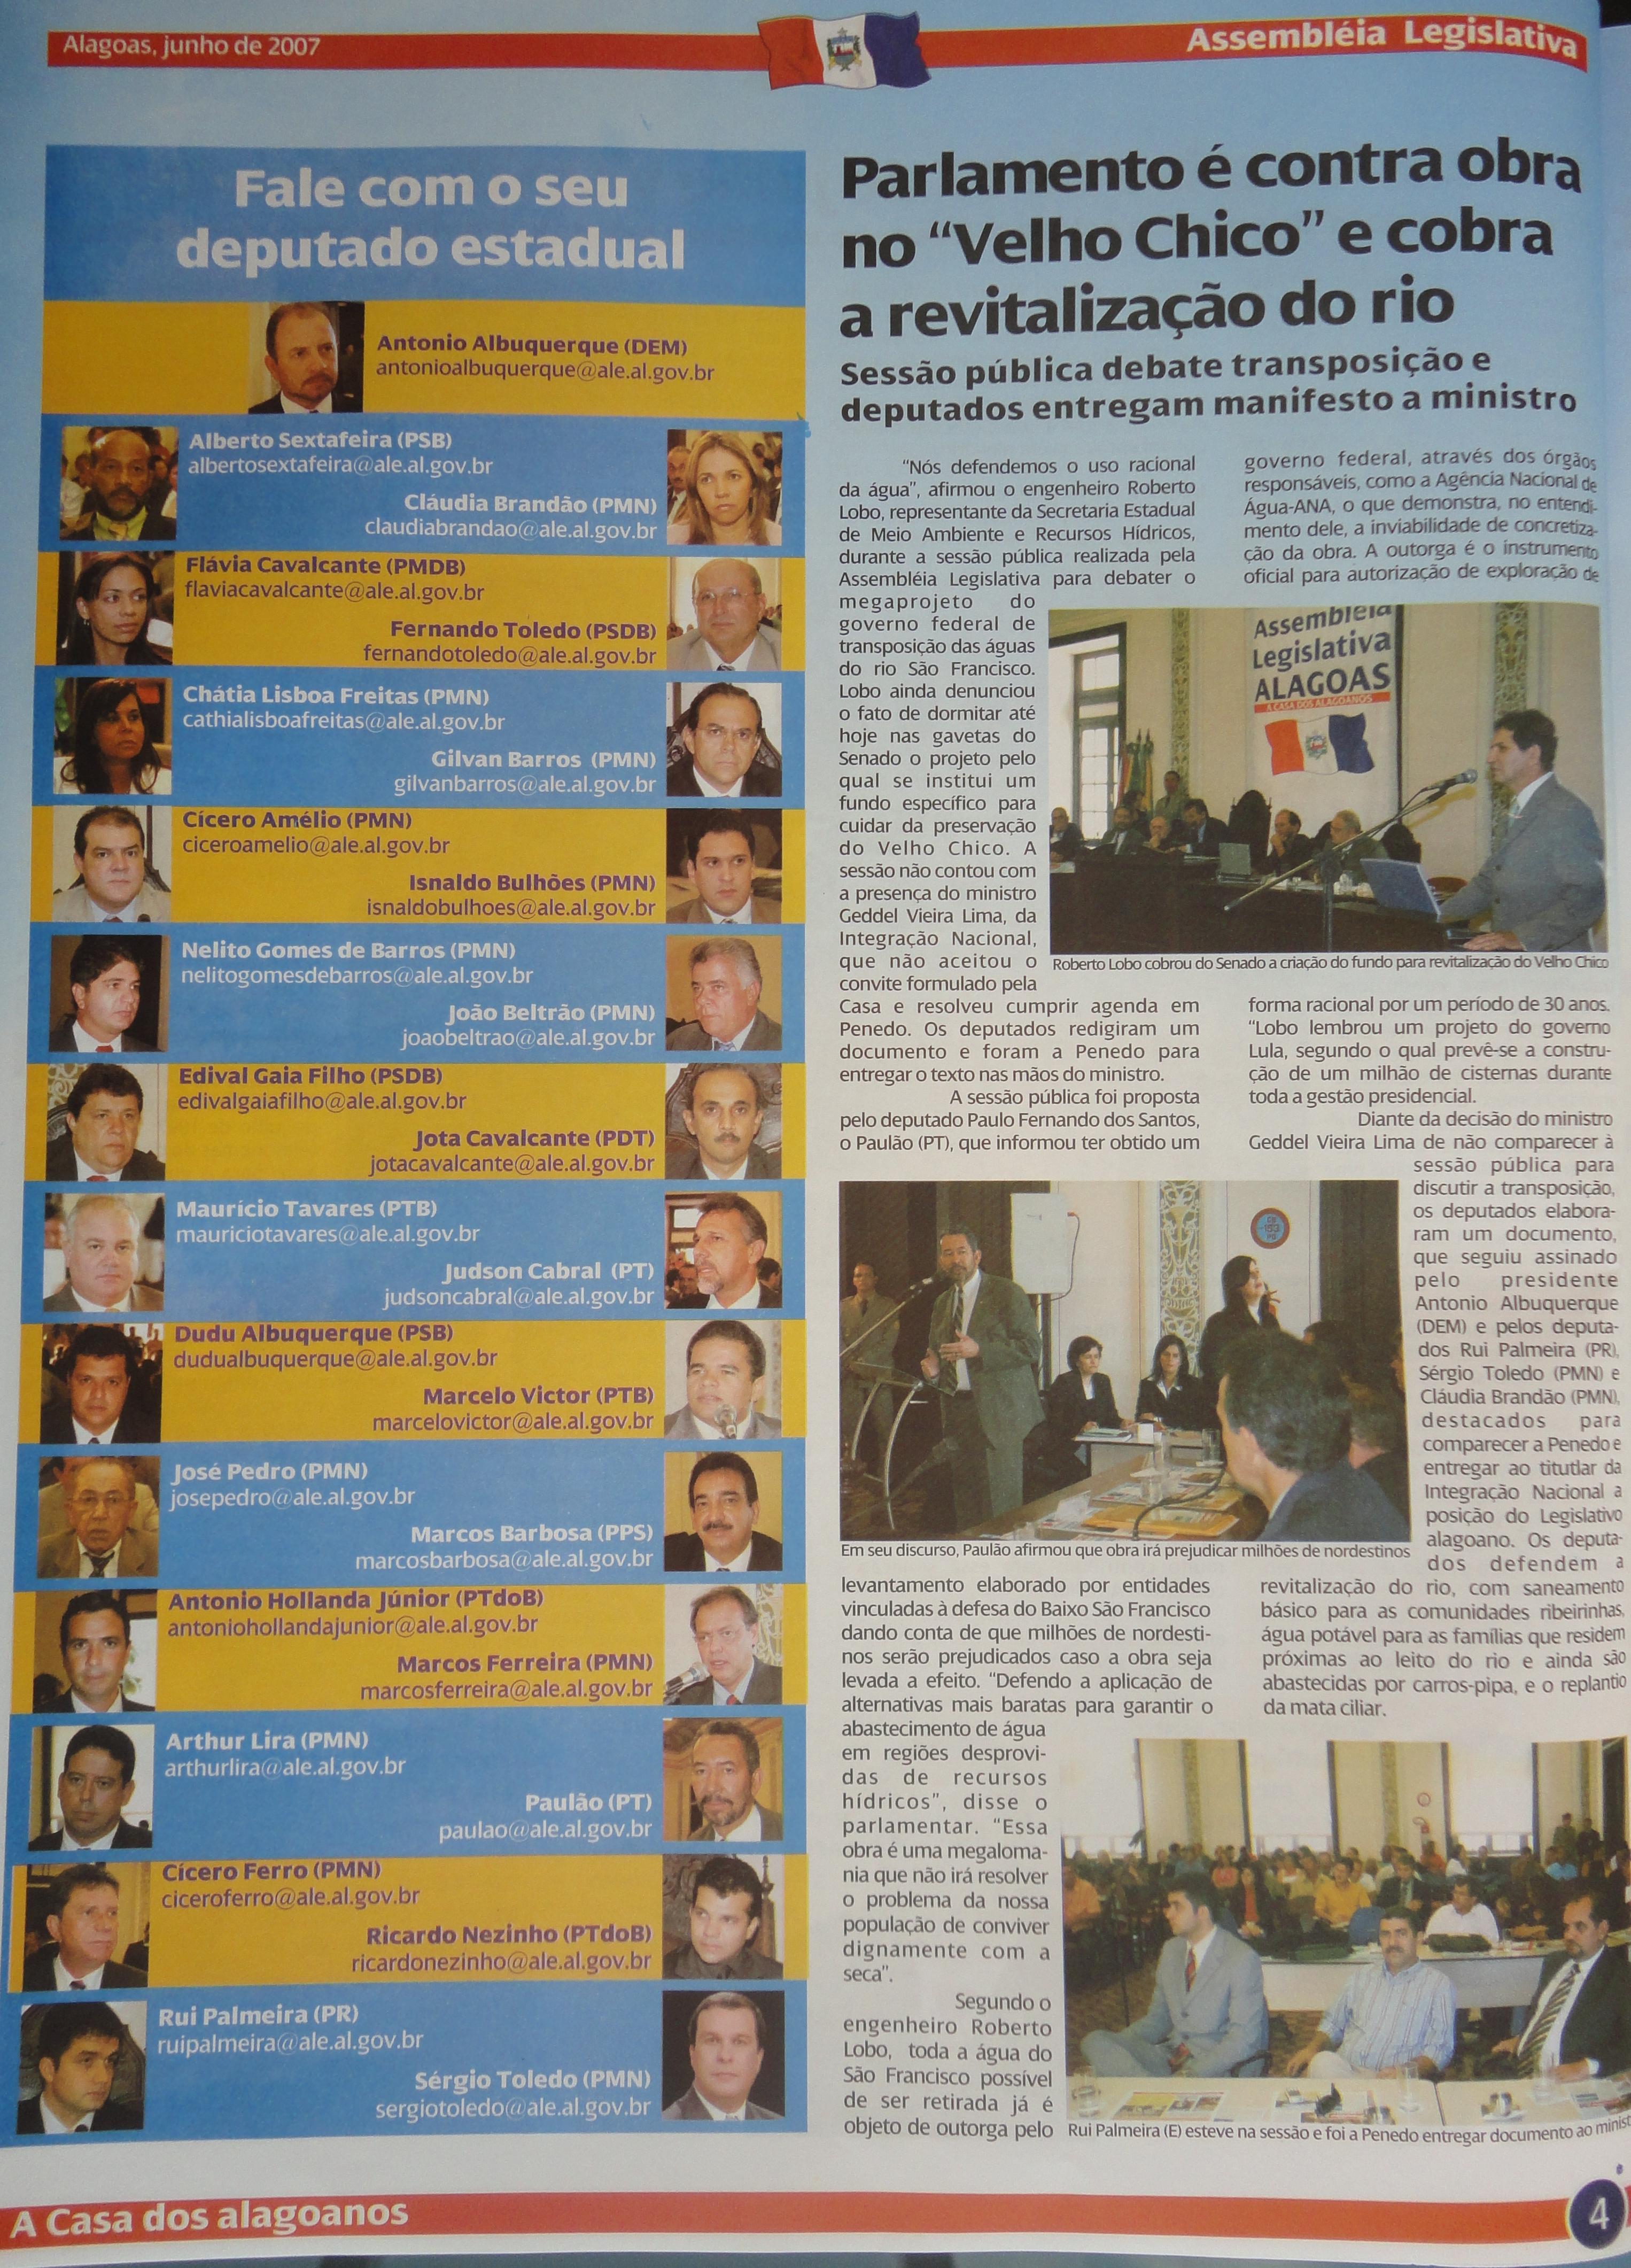 Coleção do Jornal da Assembleia 06-2007